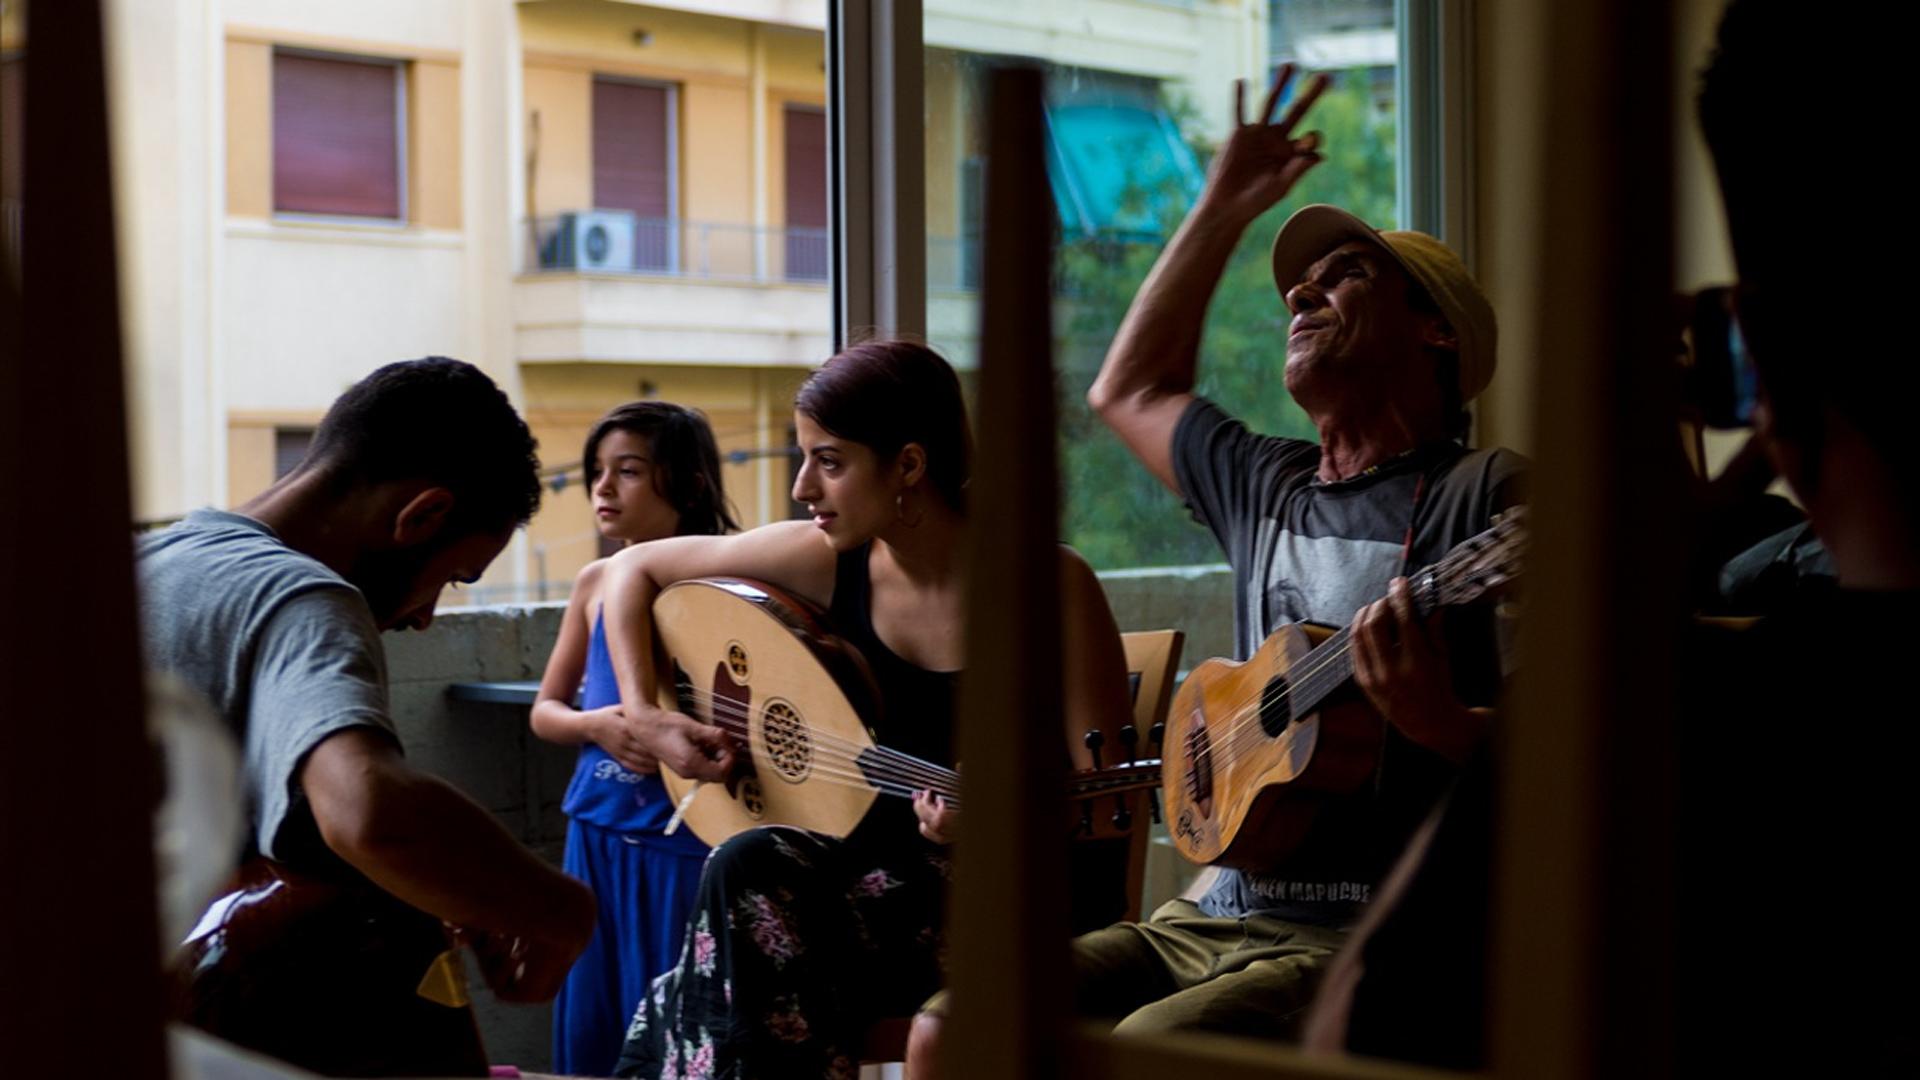 Το απόγευμα που πρόσφυγες και Manu Chao τραγούδησαν μαζί στο City Plaza